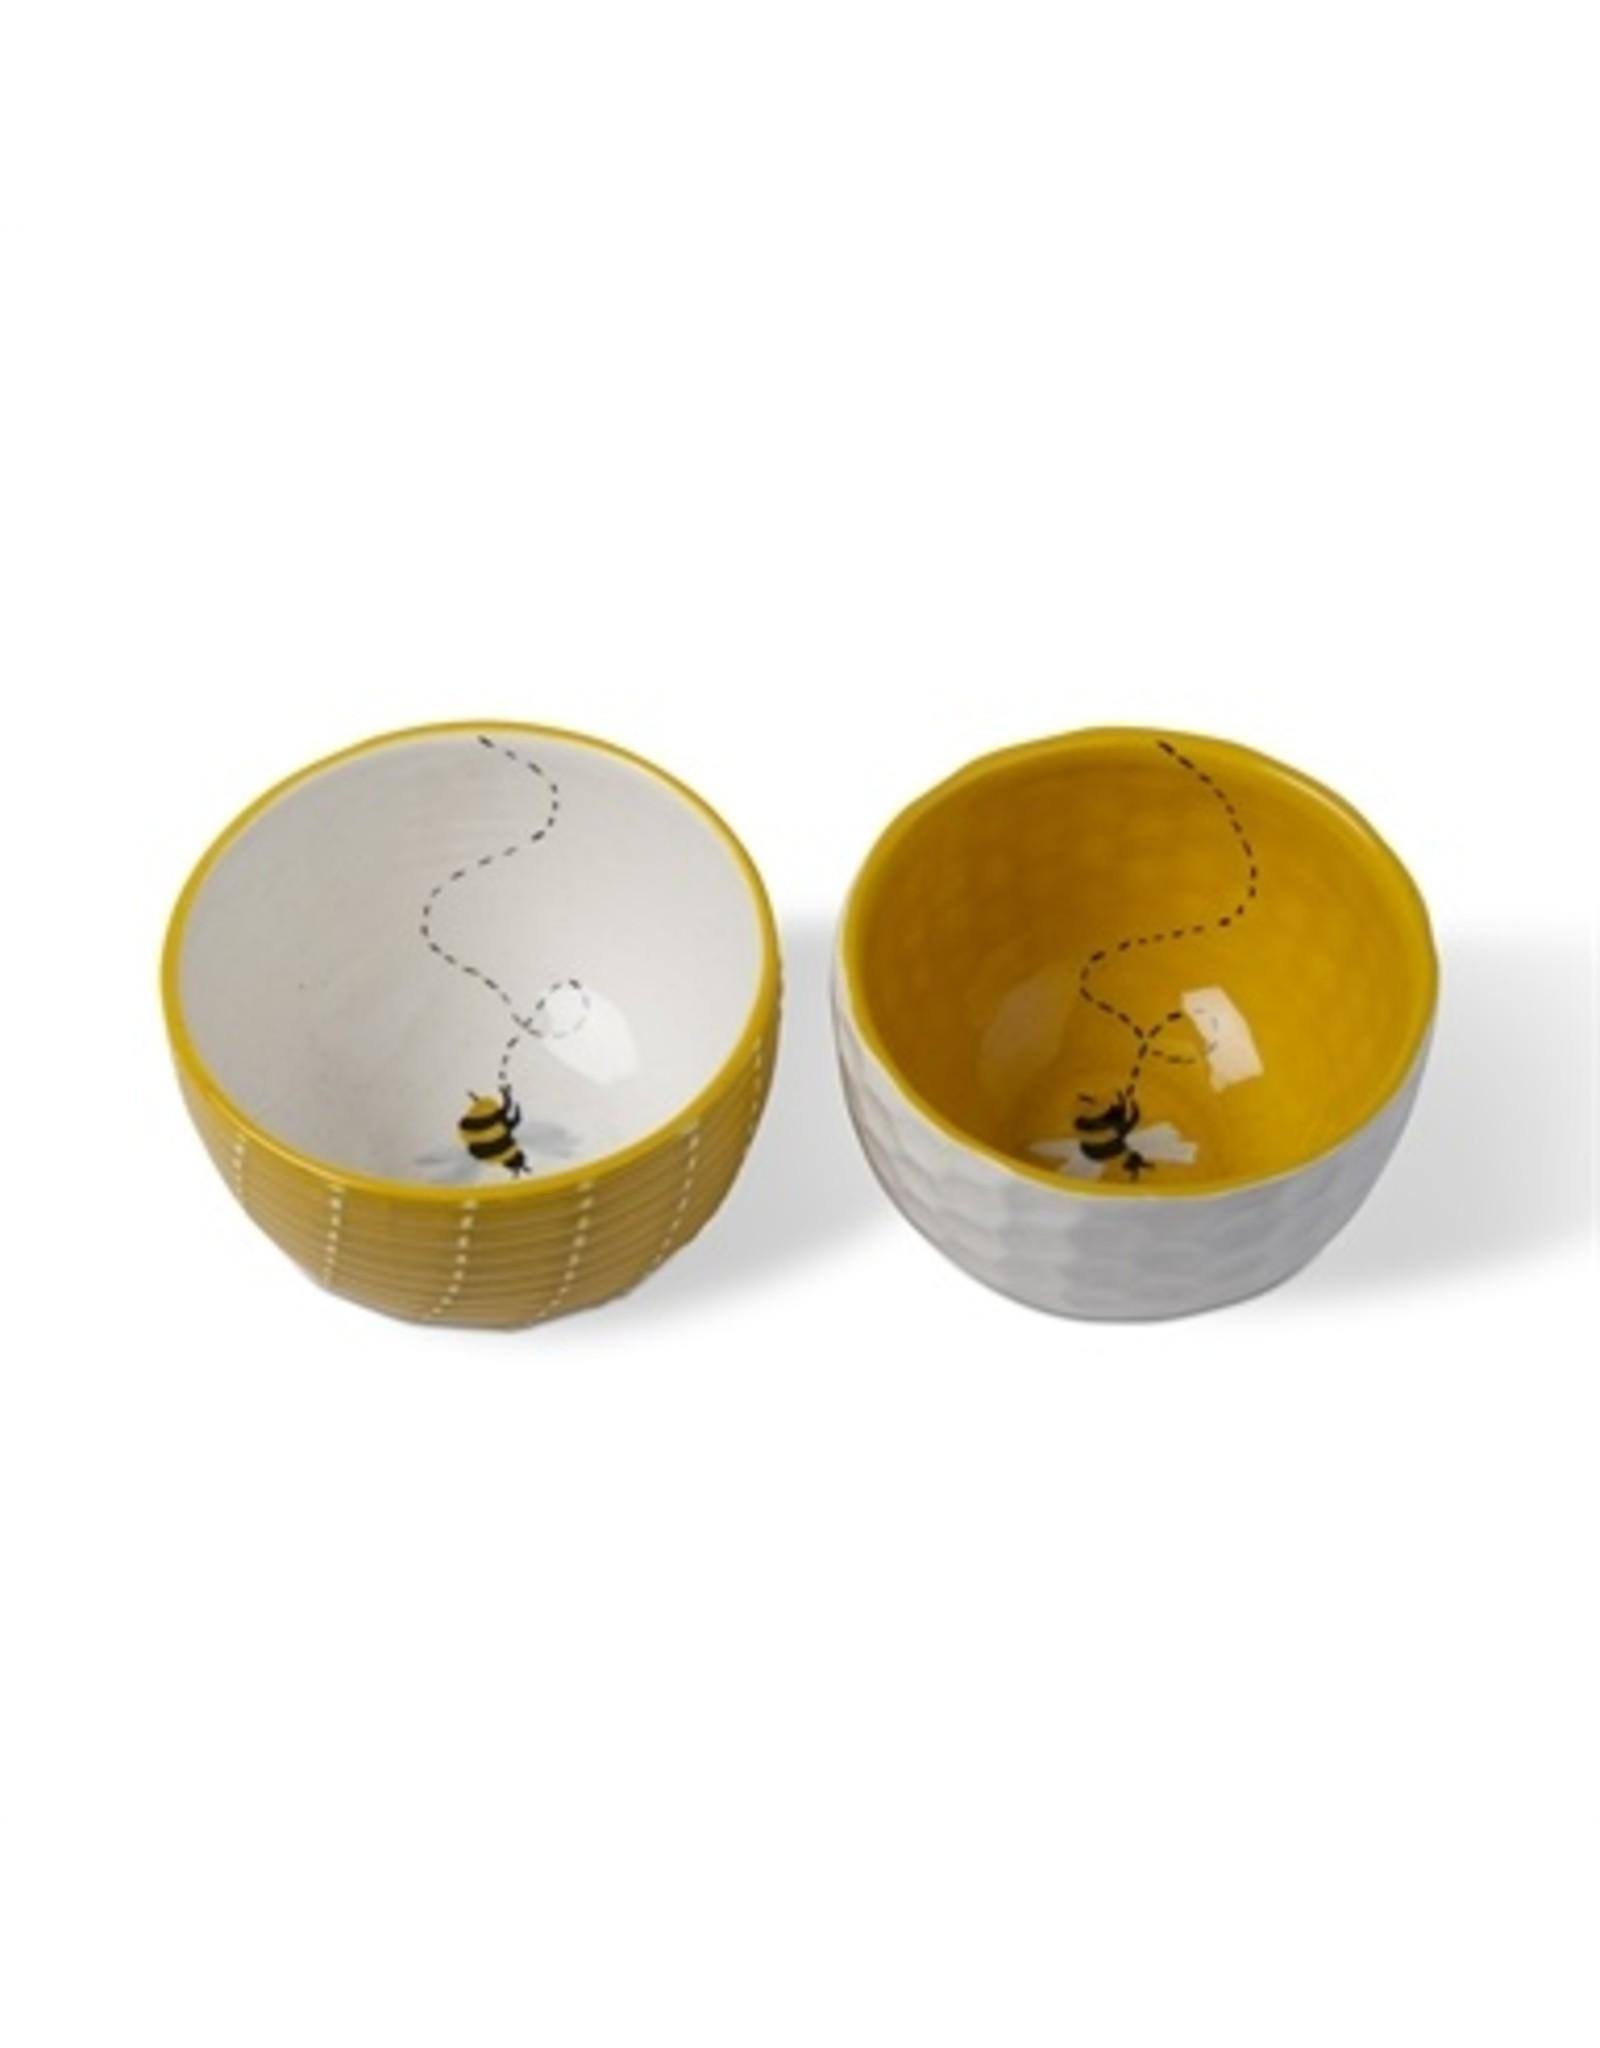 Tag Honeybee Bowl